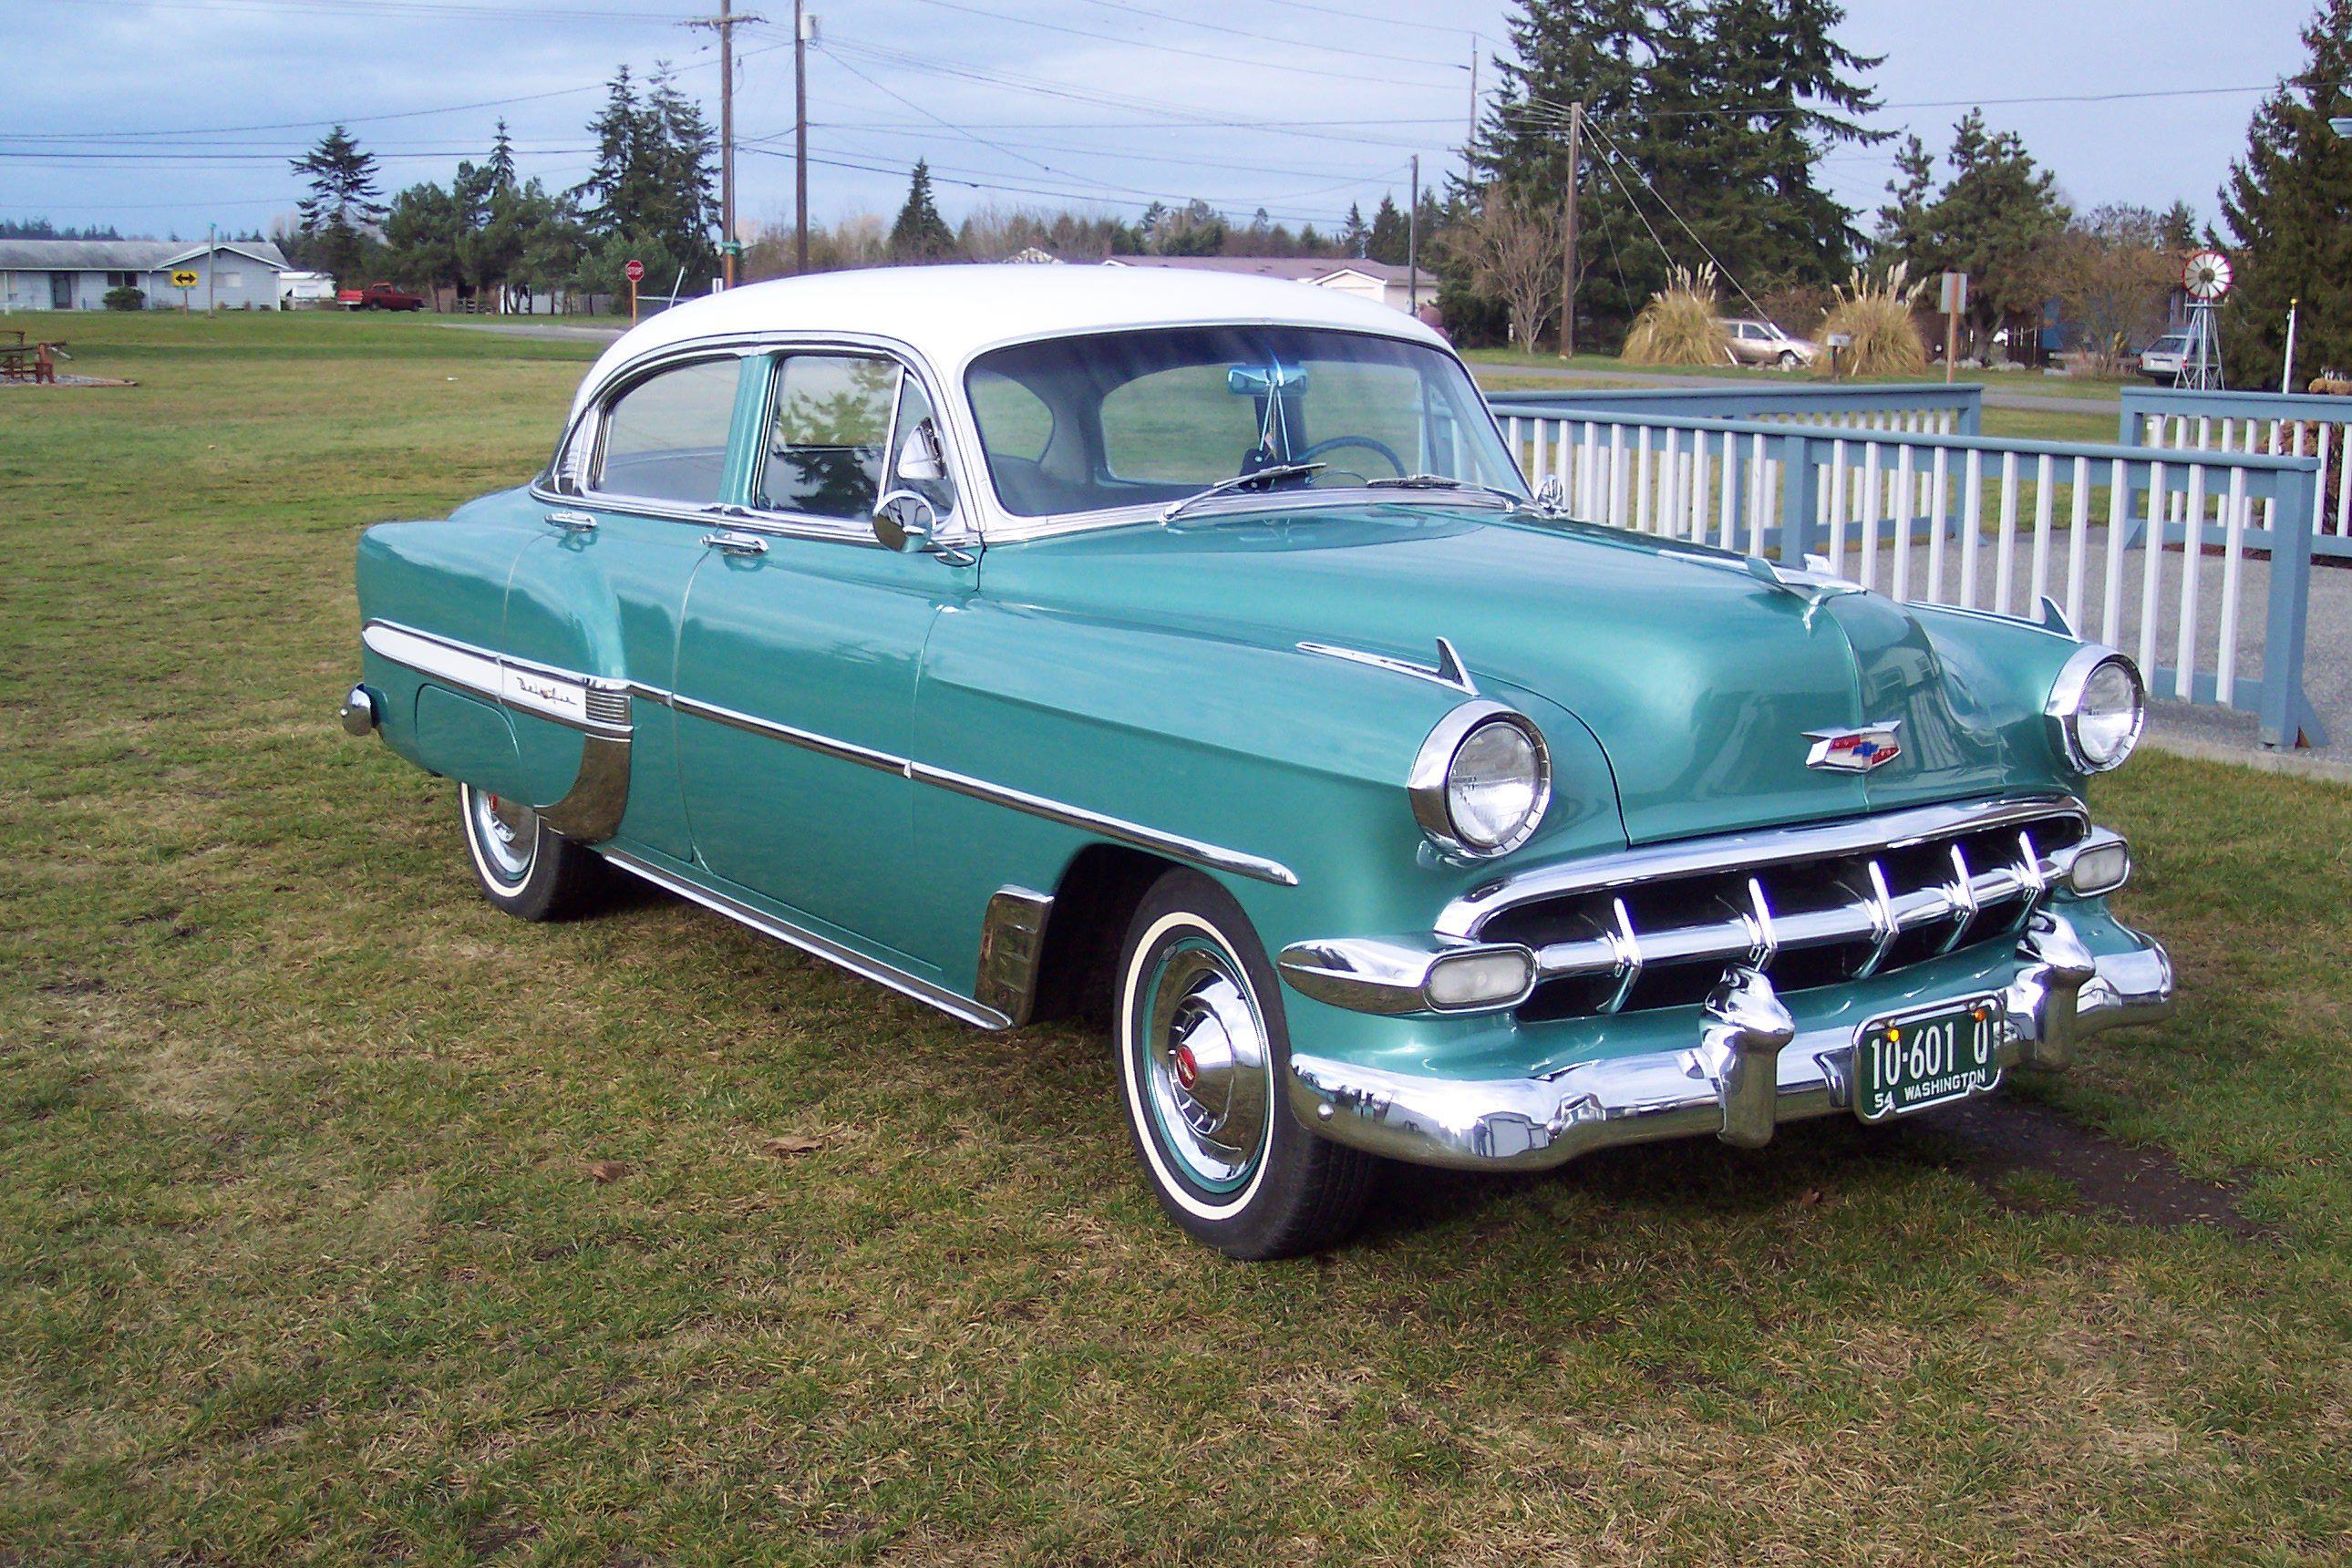 1954 bel air yes please! Chevy bel air, Chevrolet bel